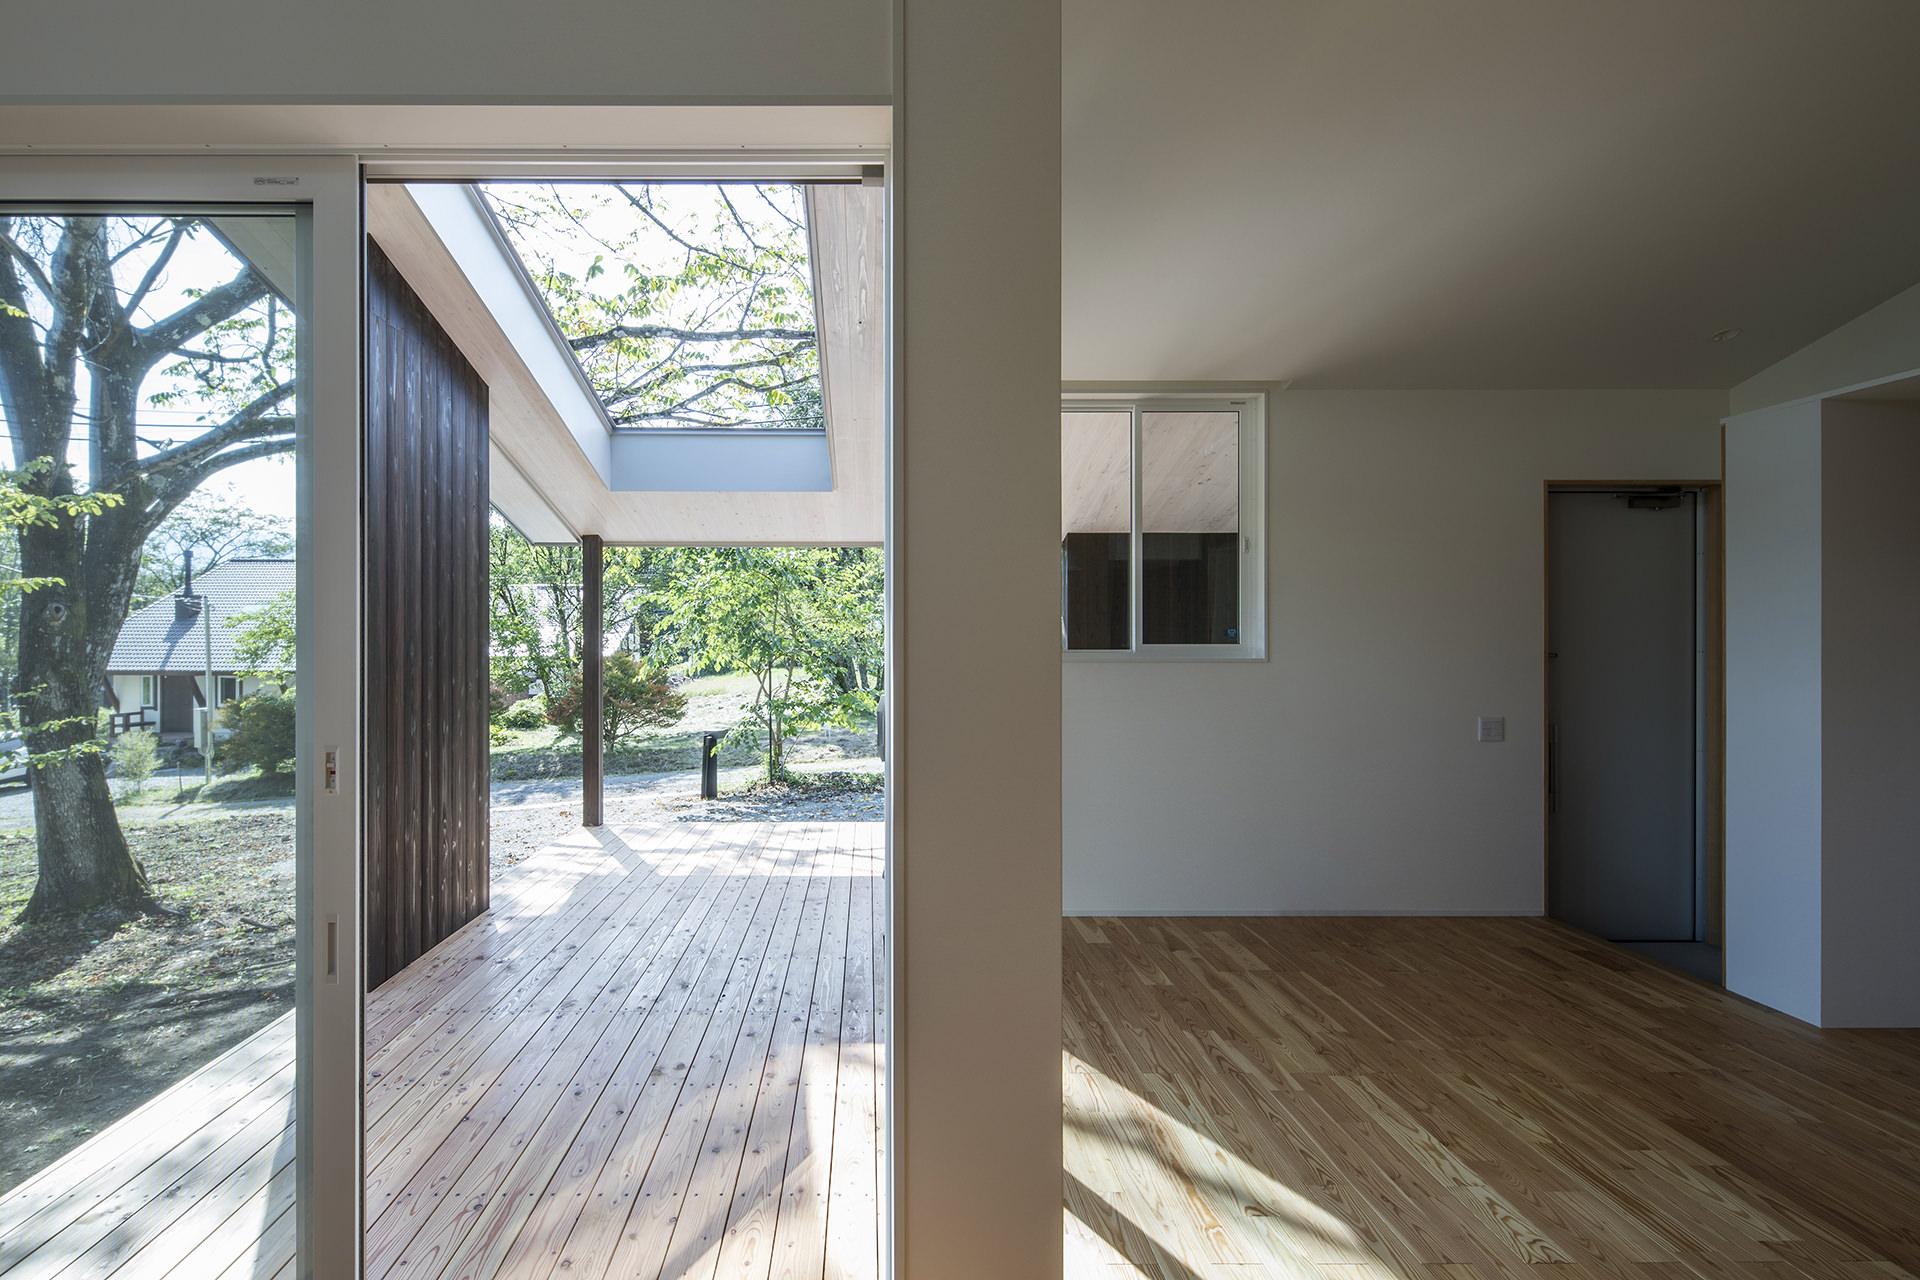 自然に寄り添う、アウトドアリビングをもつ大屋根の家 イメージ11 撮影:東涌写真事務所・東涌宏和